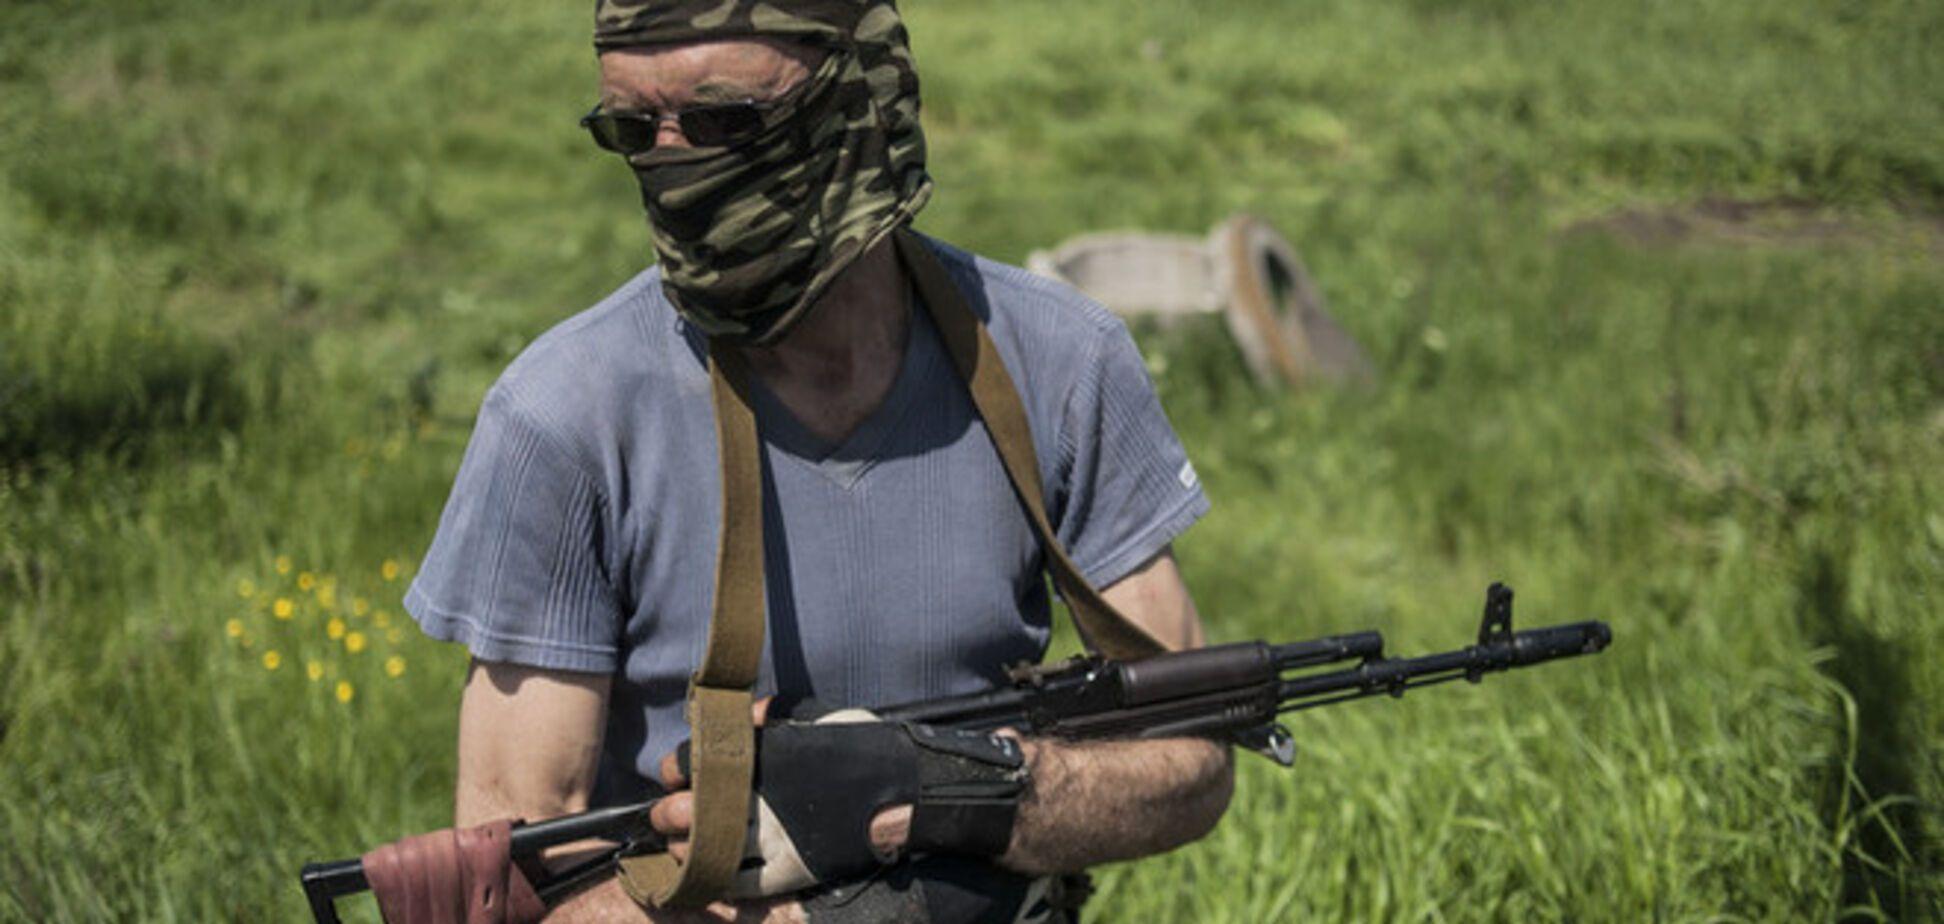 Террористы готовят провокации на границе 18 мая